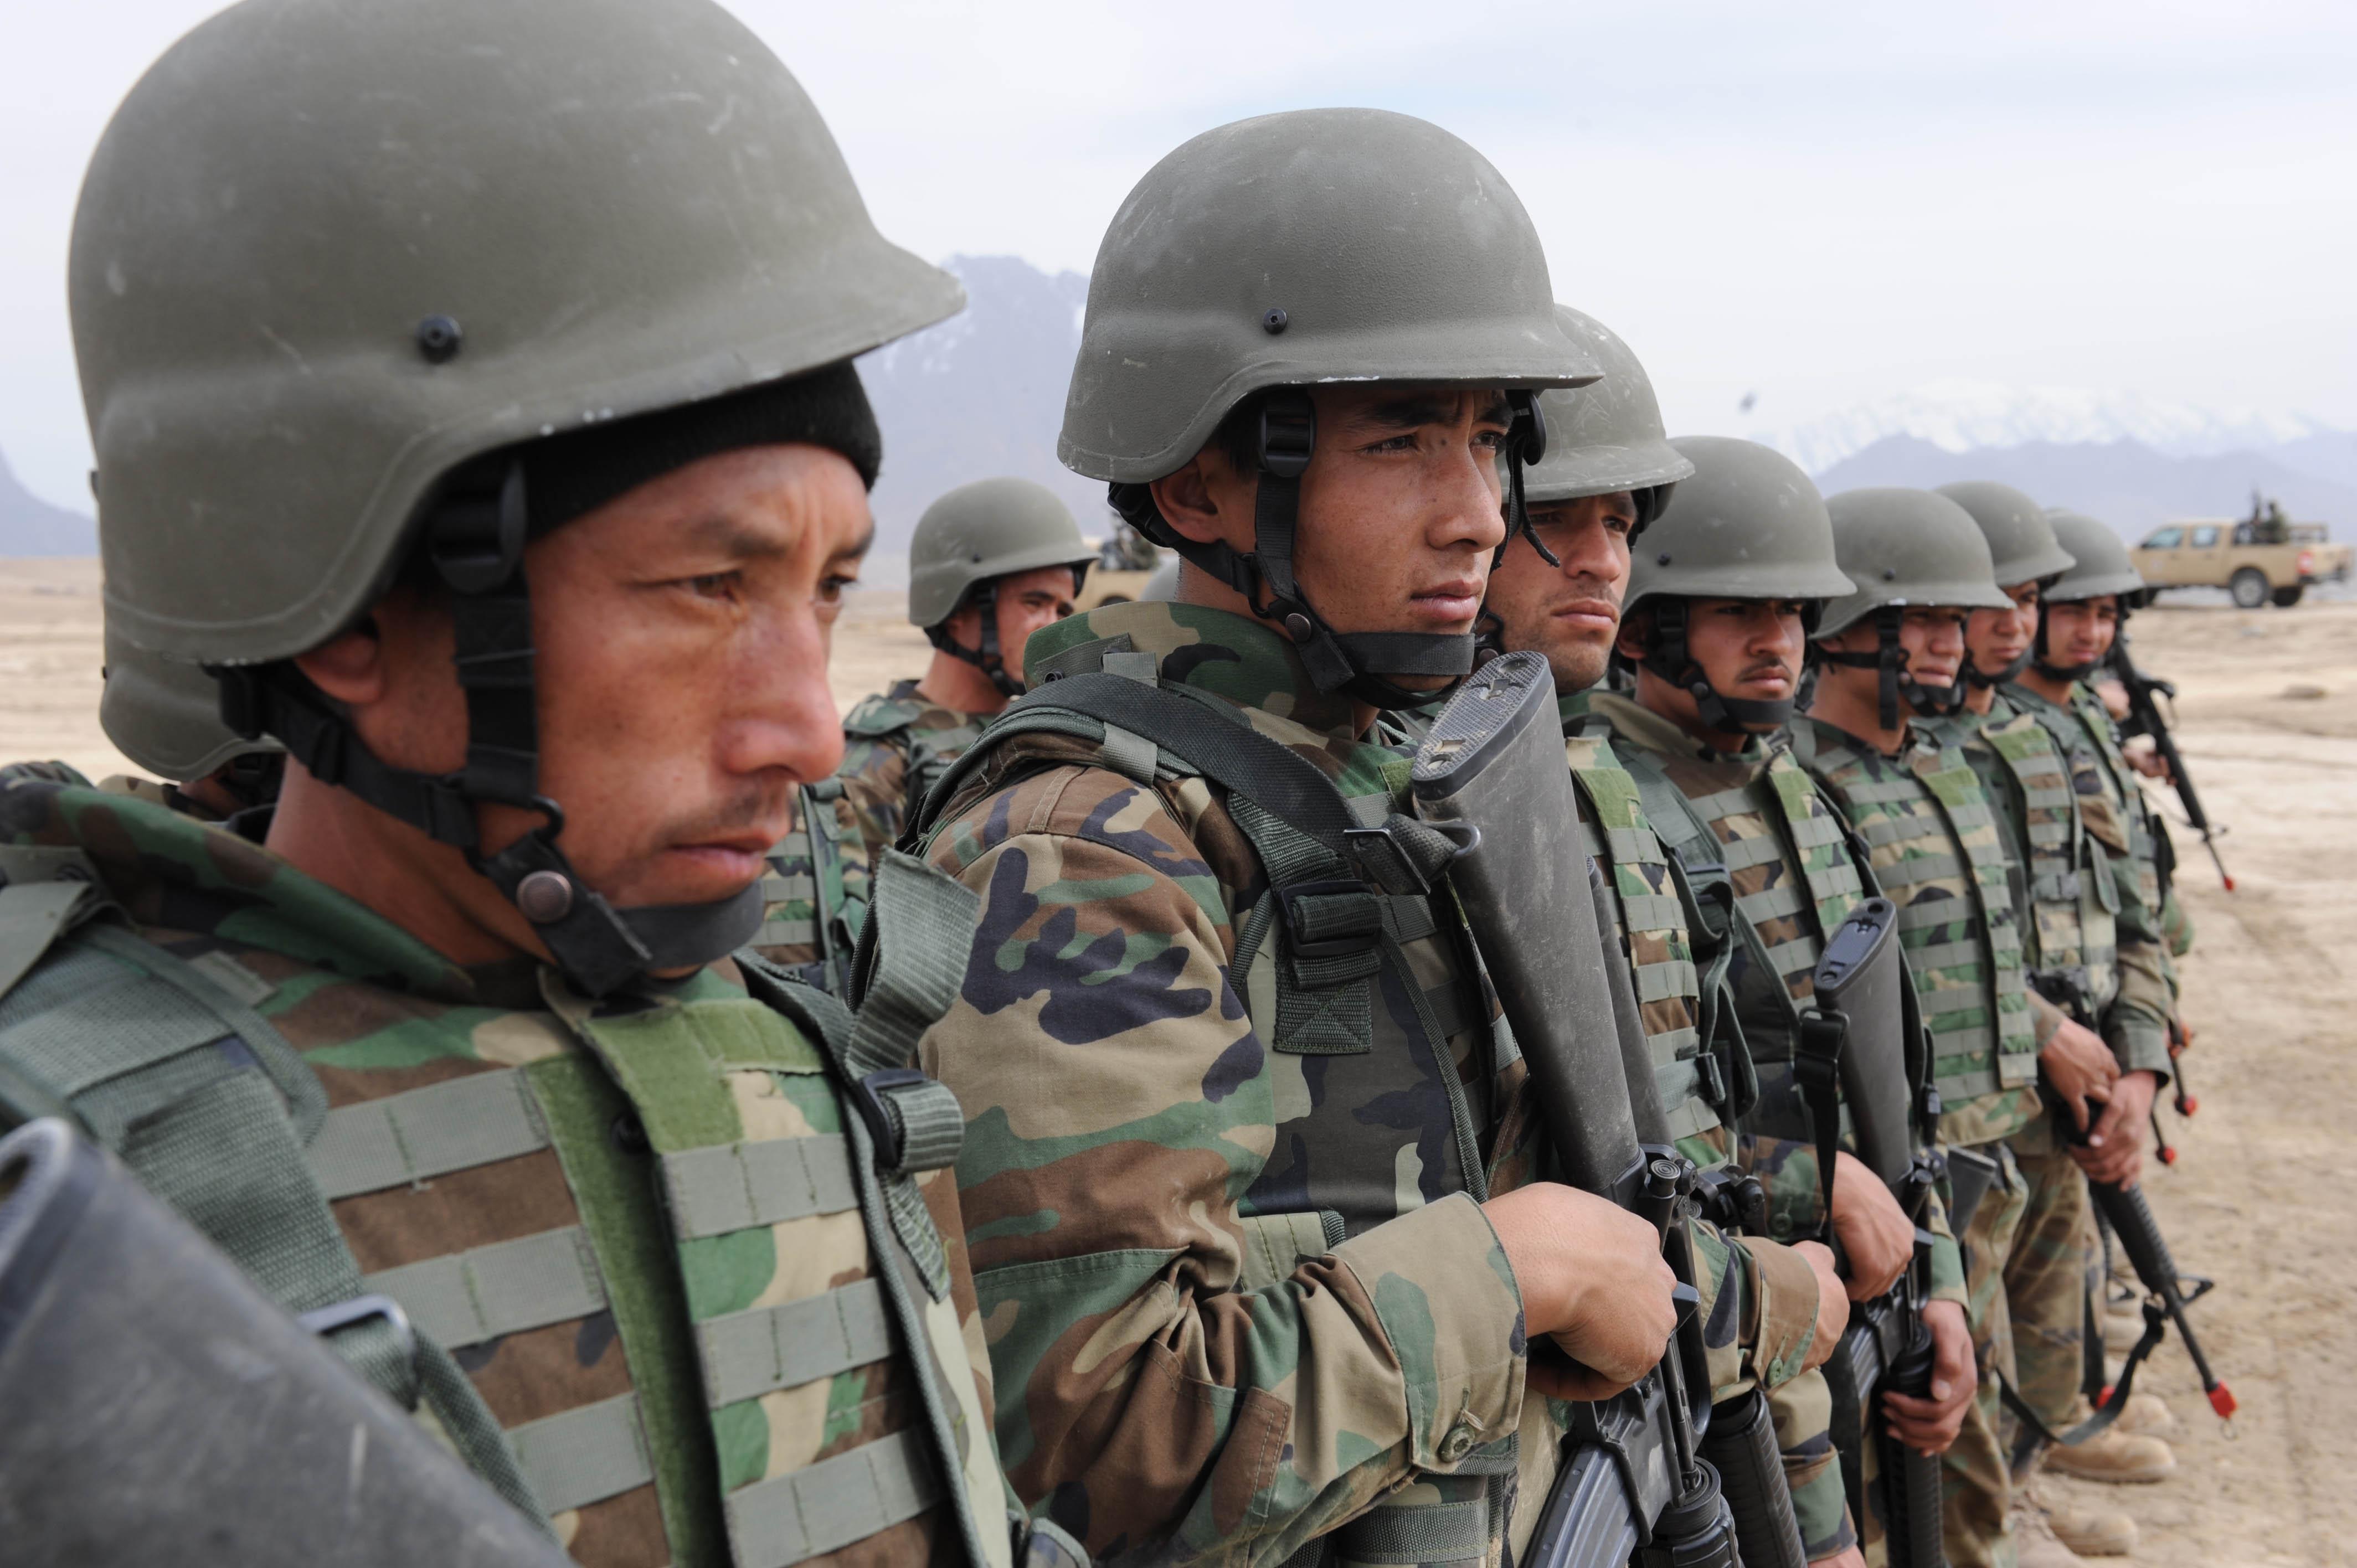 Afganistán ha sufrido tres días de violencia intensa: al menos 60 personas fallecieron hoy